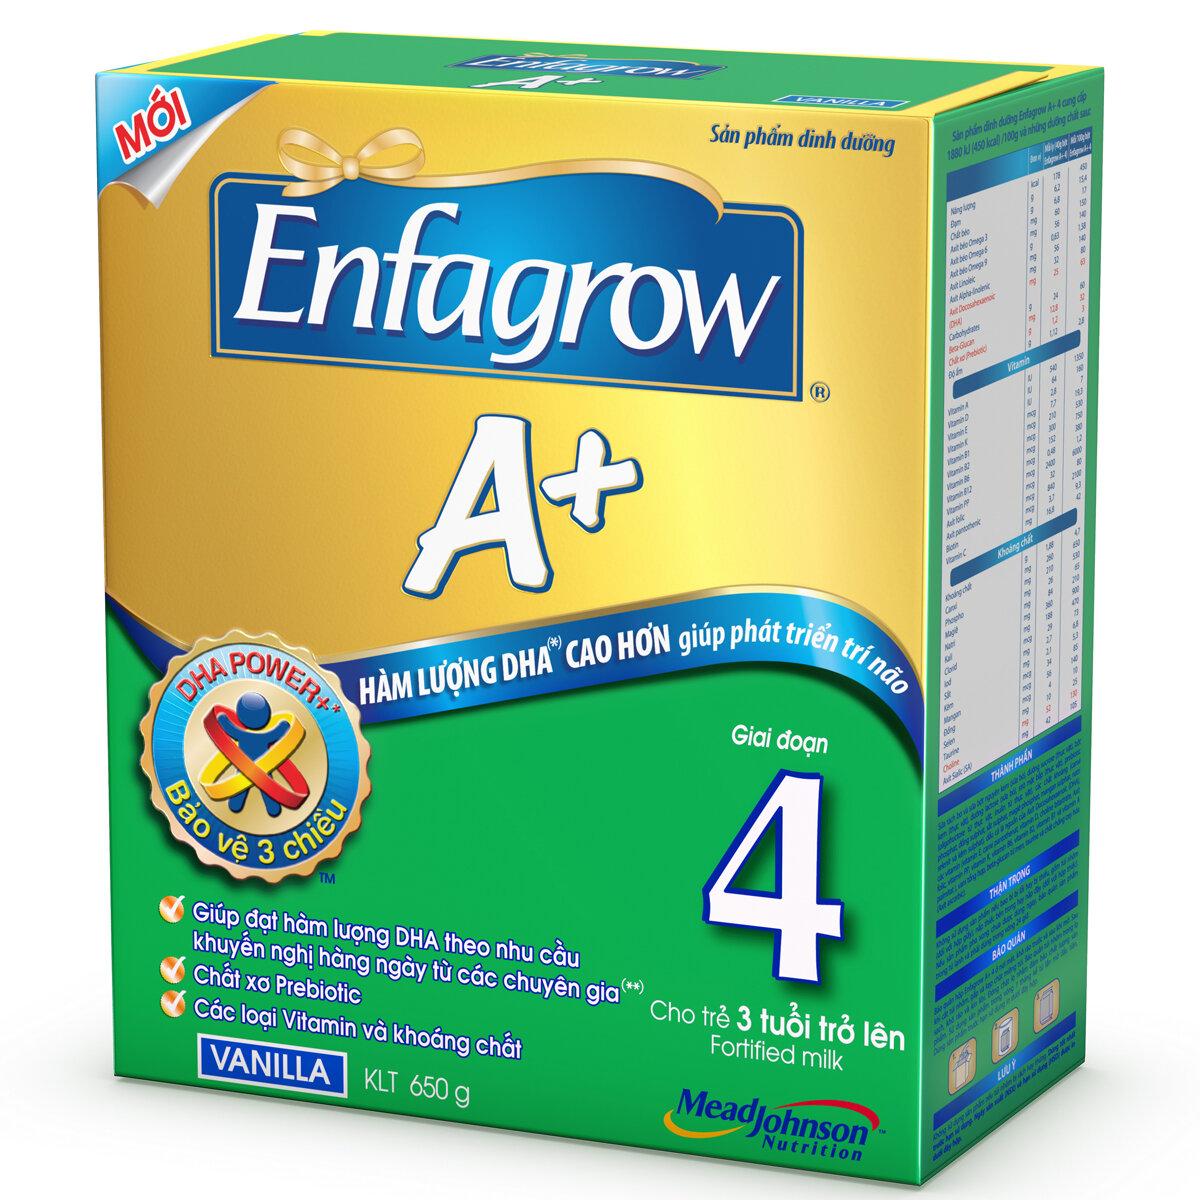 Sữa bột Enfagrow A+ 4 - hộp 650g (dành cho trẻ từ 3 - 6 tuổi)